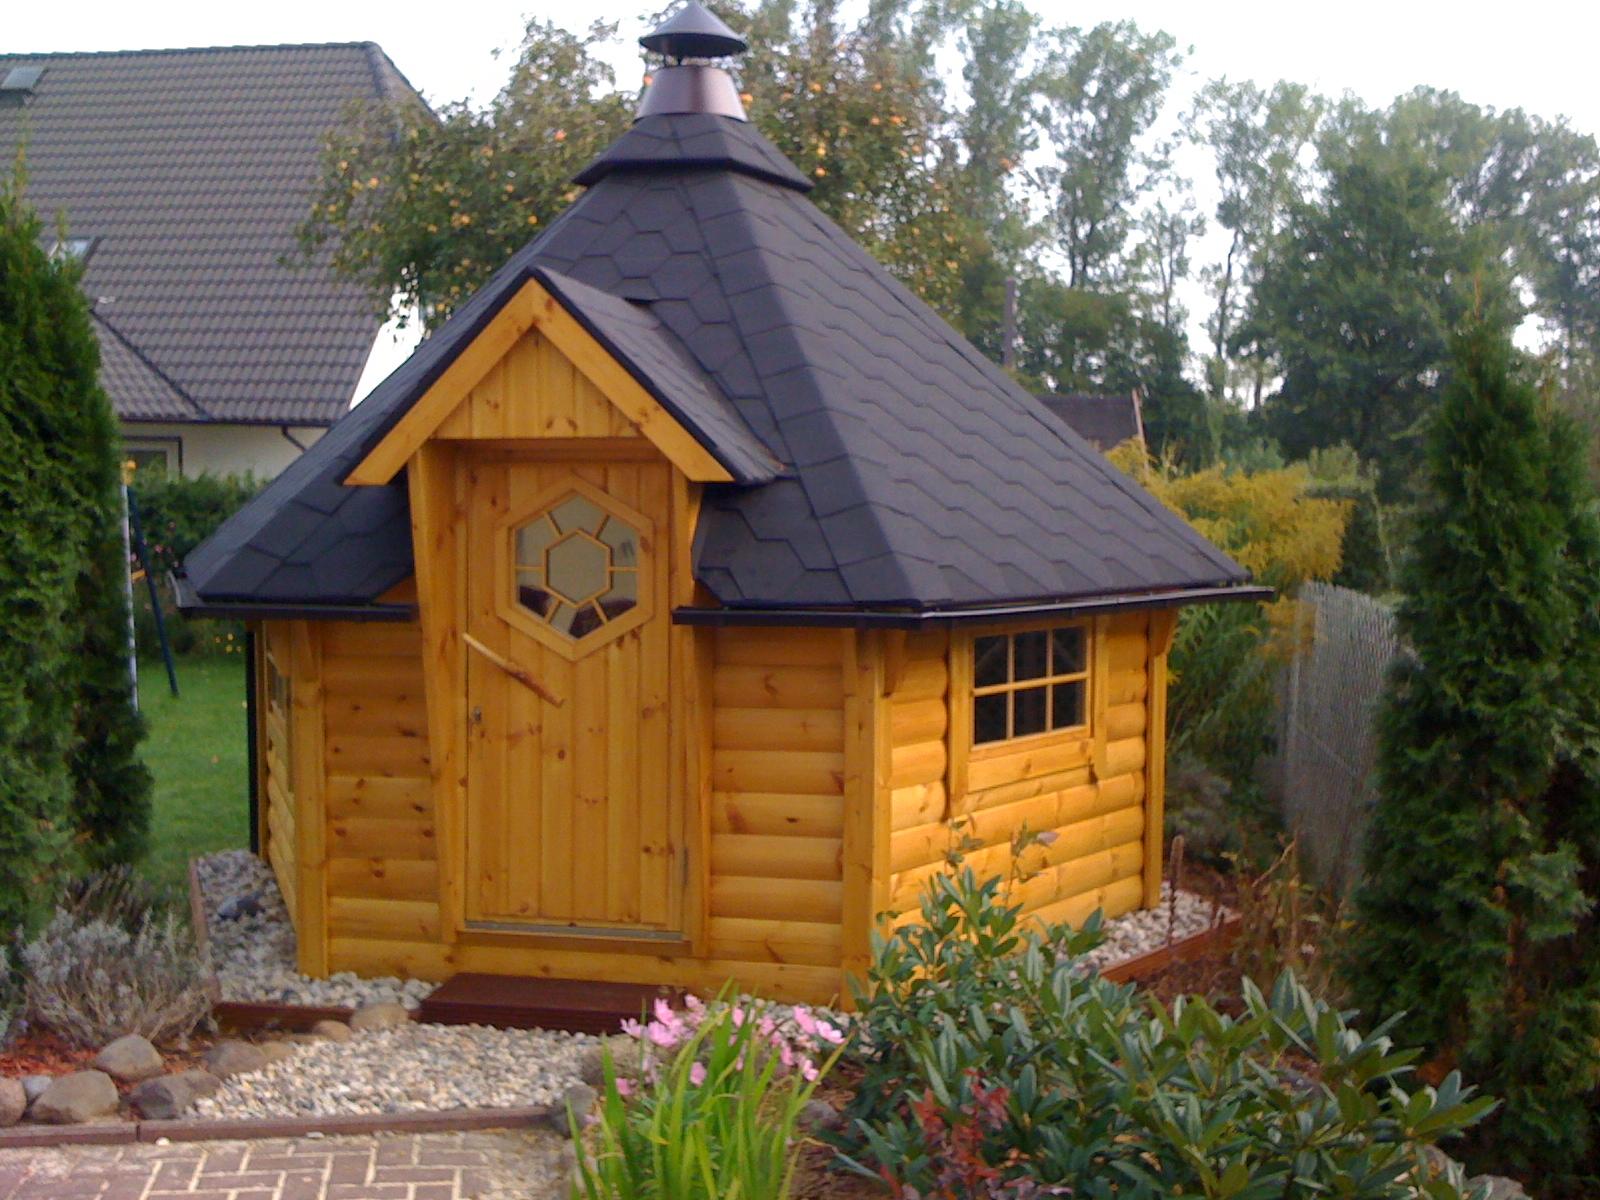 winteraktion hochwertige finn grillkota und saunakota sonstiges f r den garten. Black Bedroom Furniture Sets. Home Design Ideas